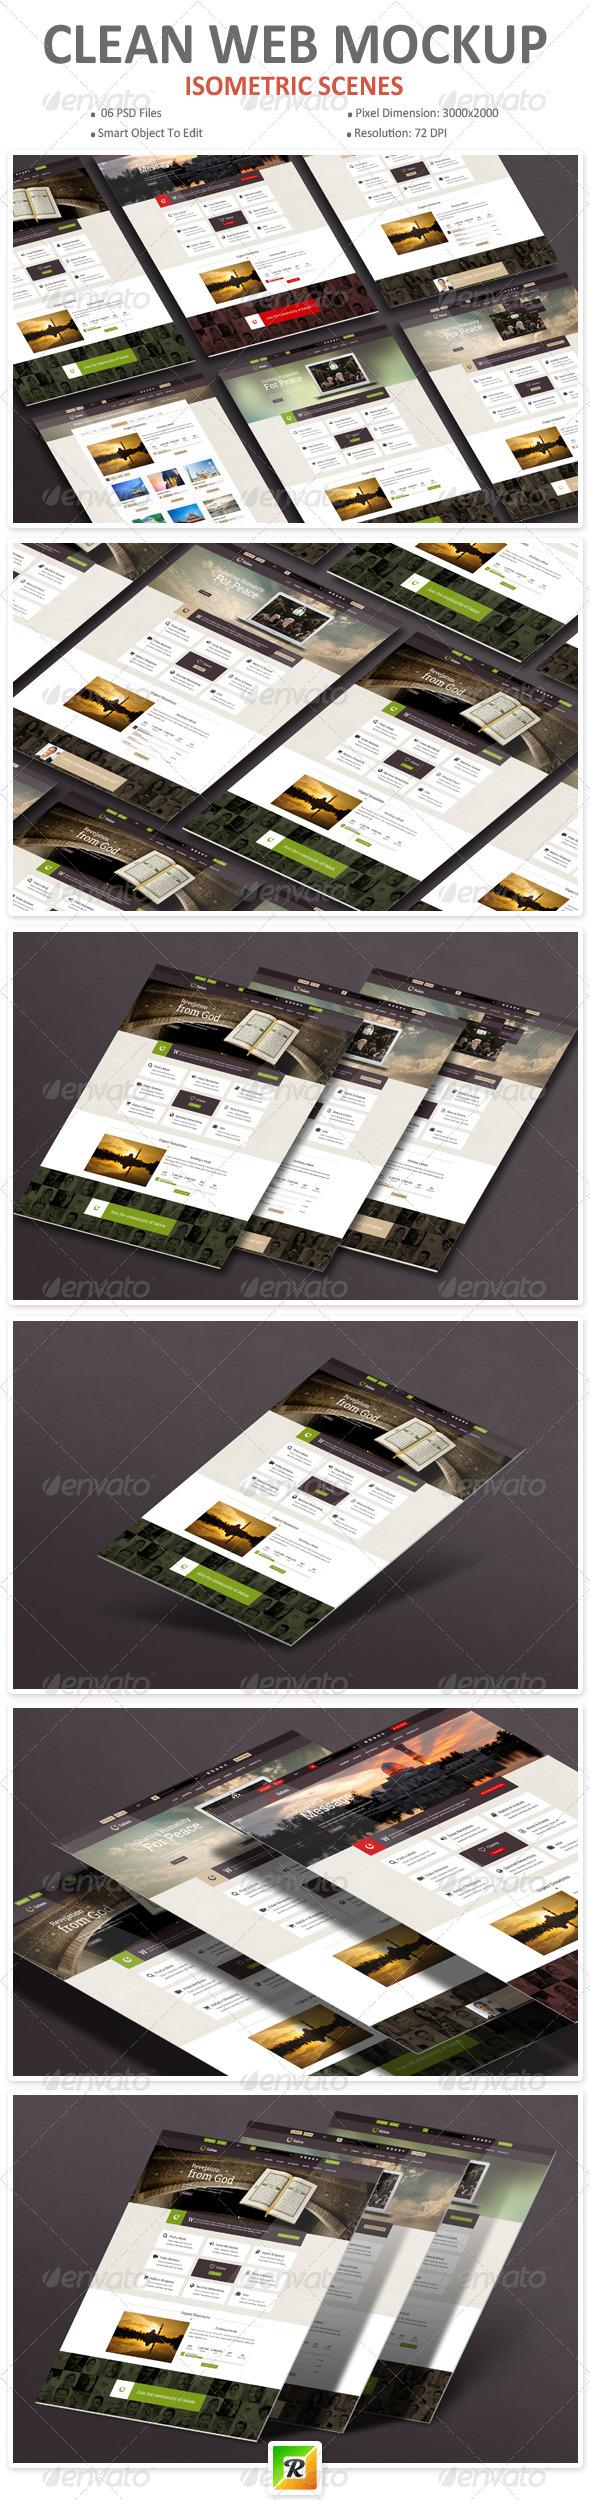 GraphicRiver Clean Web Mockup 7336800